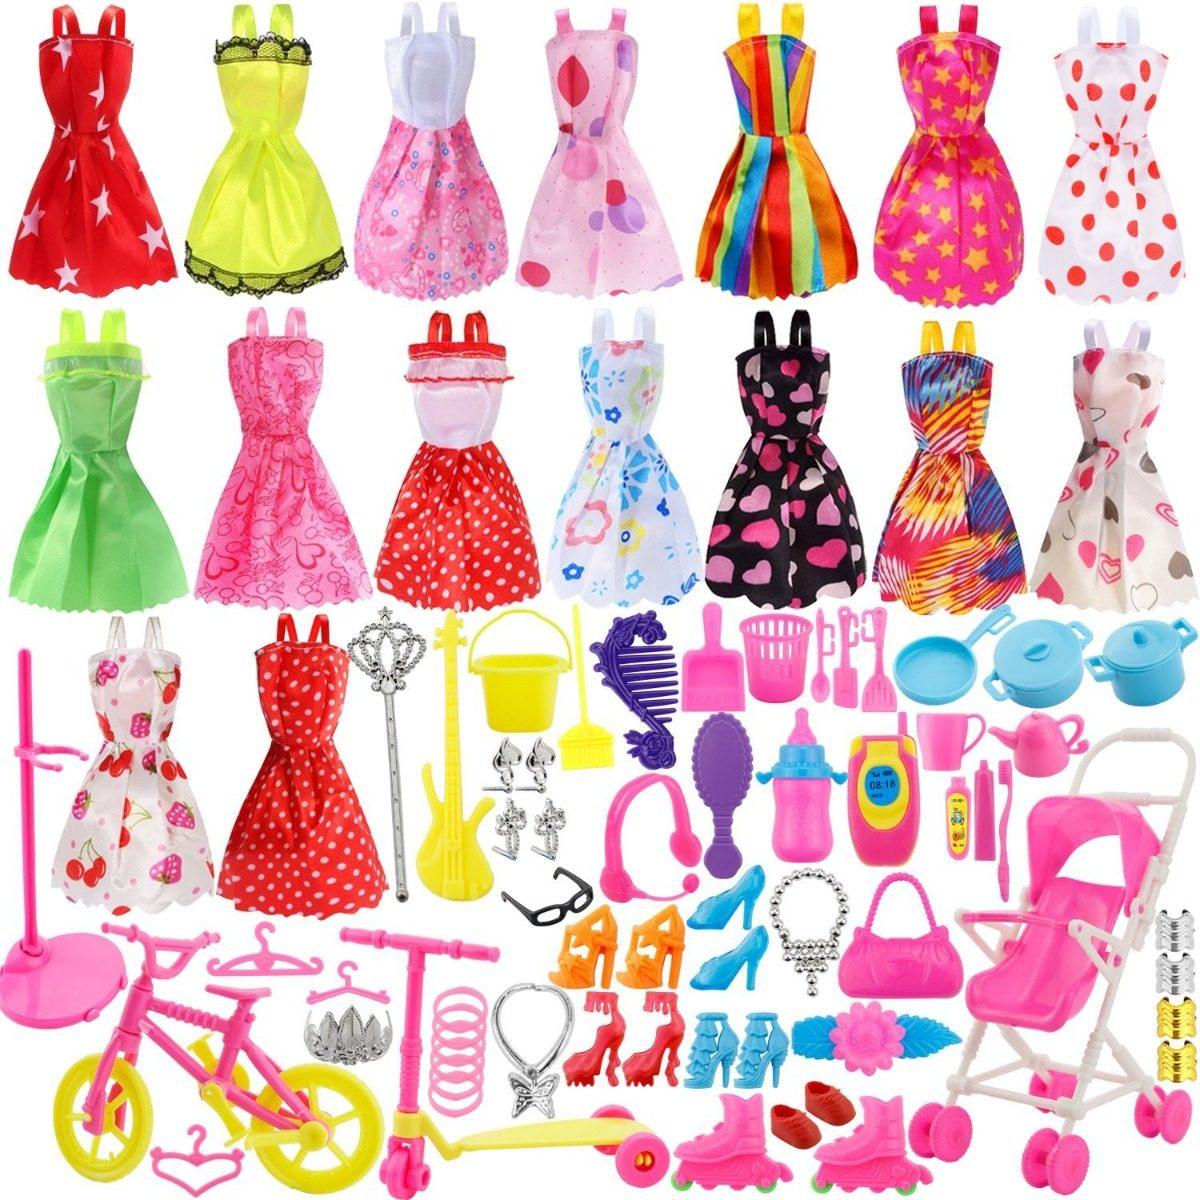 De Artículos Para Zapatos Barbie X114 Ropa Accesorios q3R54AjL